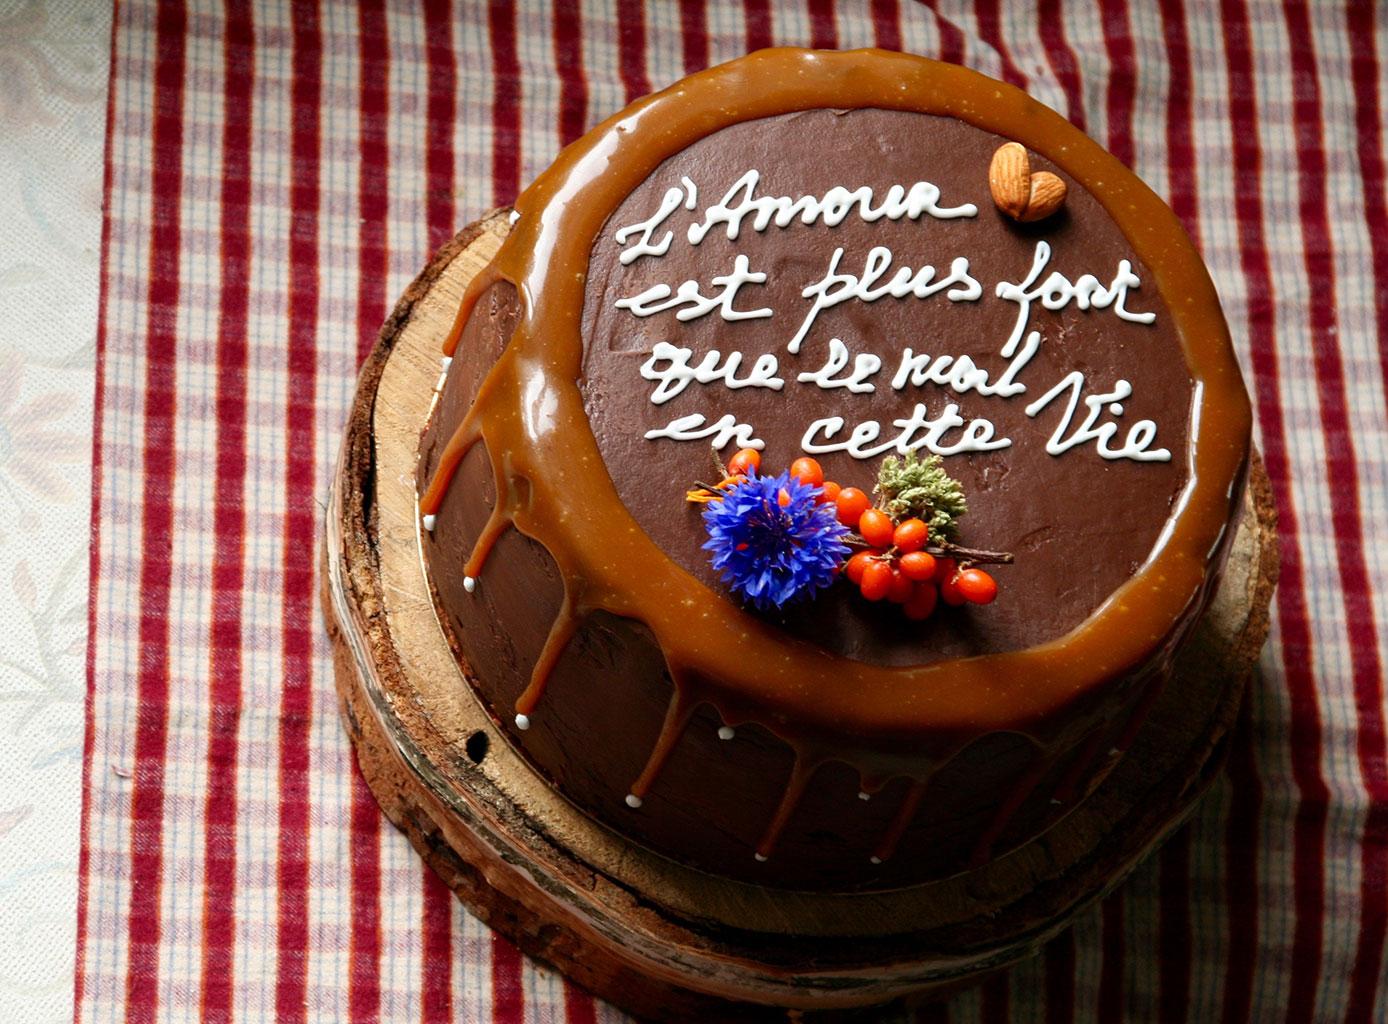 Выложить надпись на торт